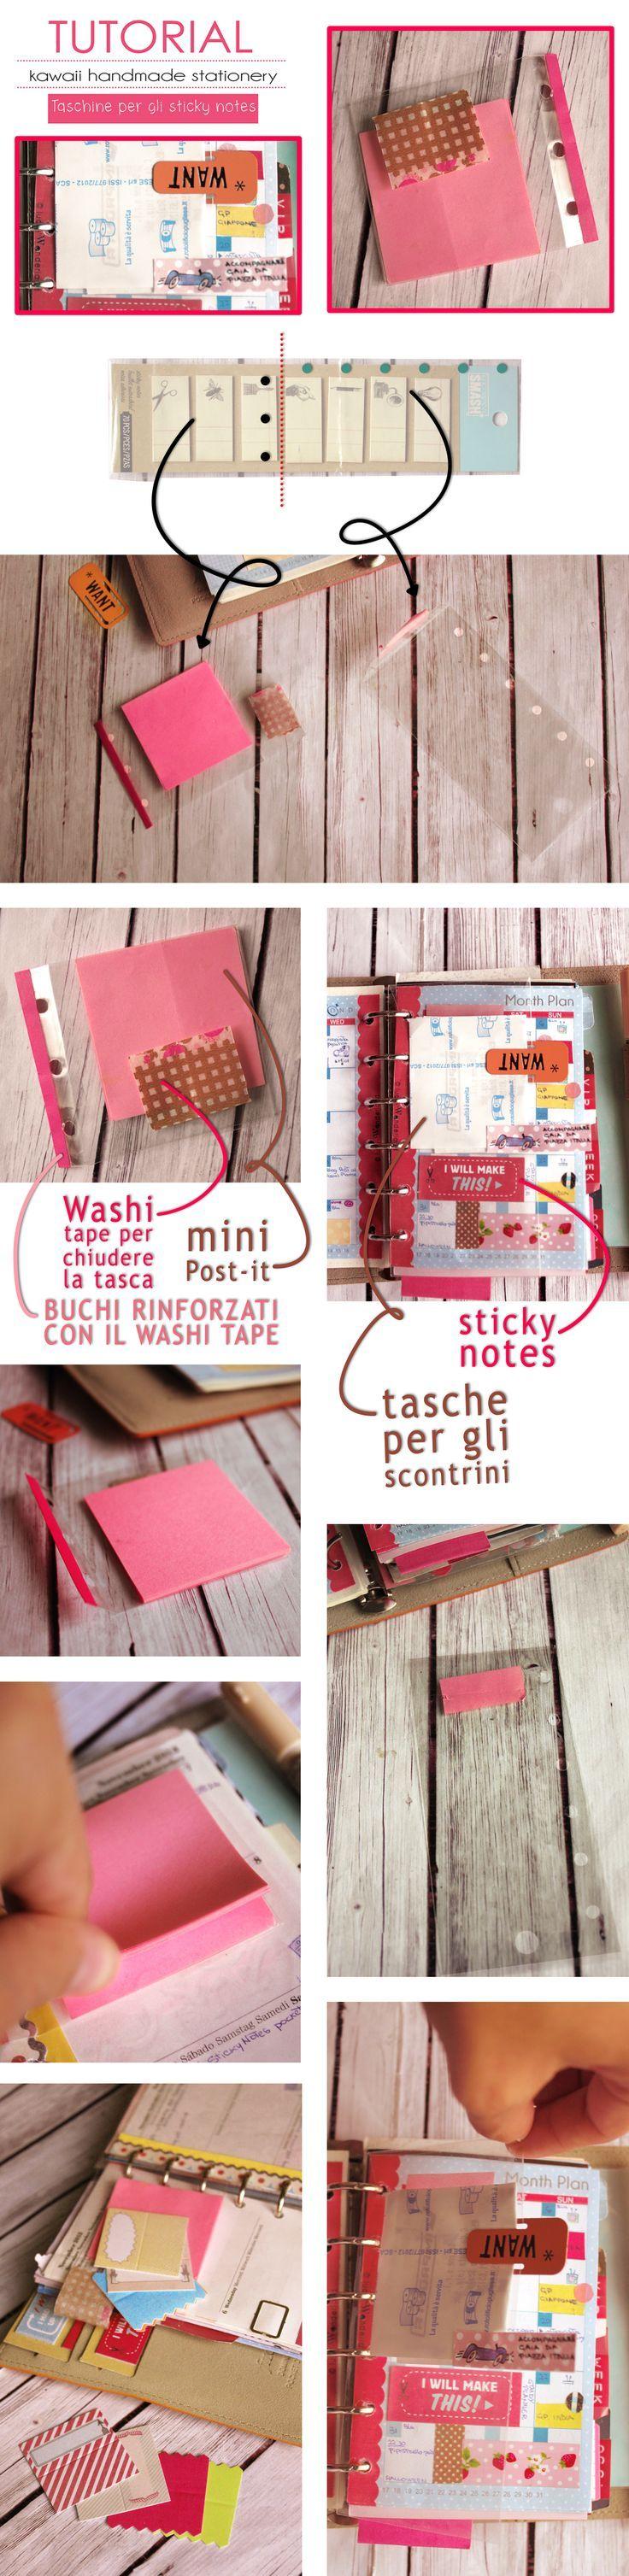 Lucy-Wonderland: Tutorial_ Taschine per gli sticky notes